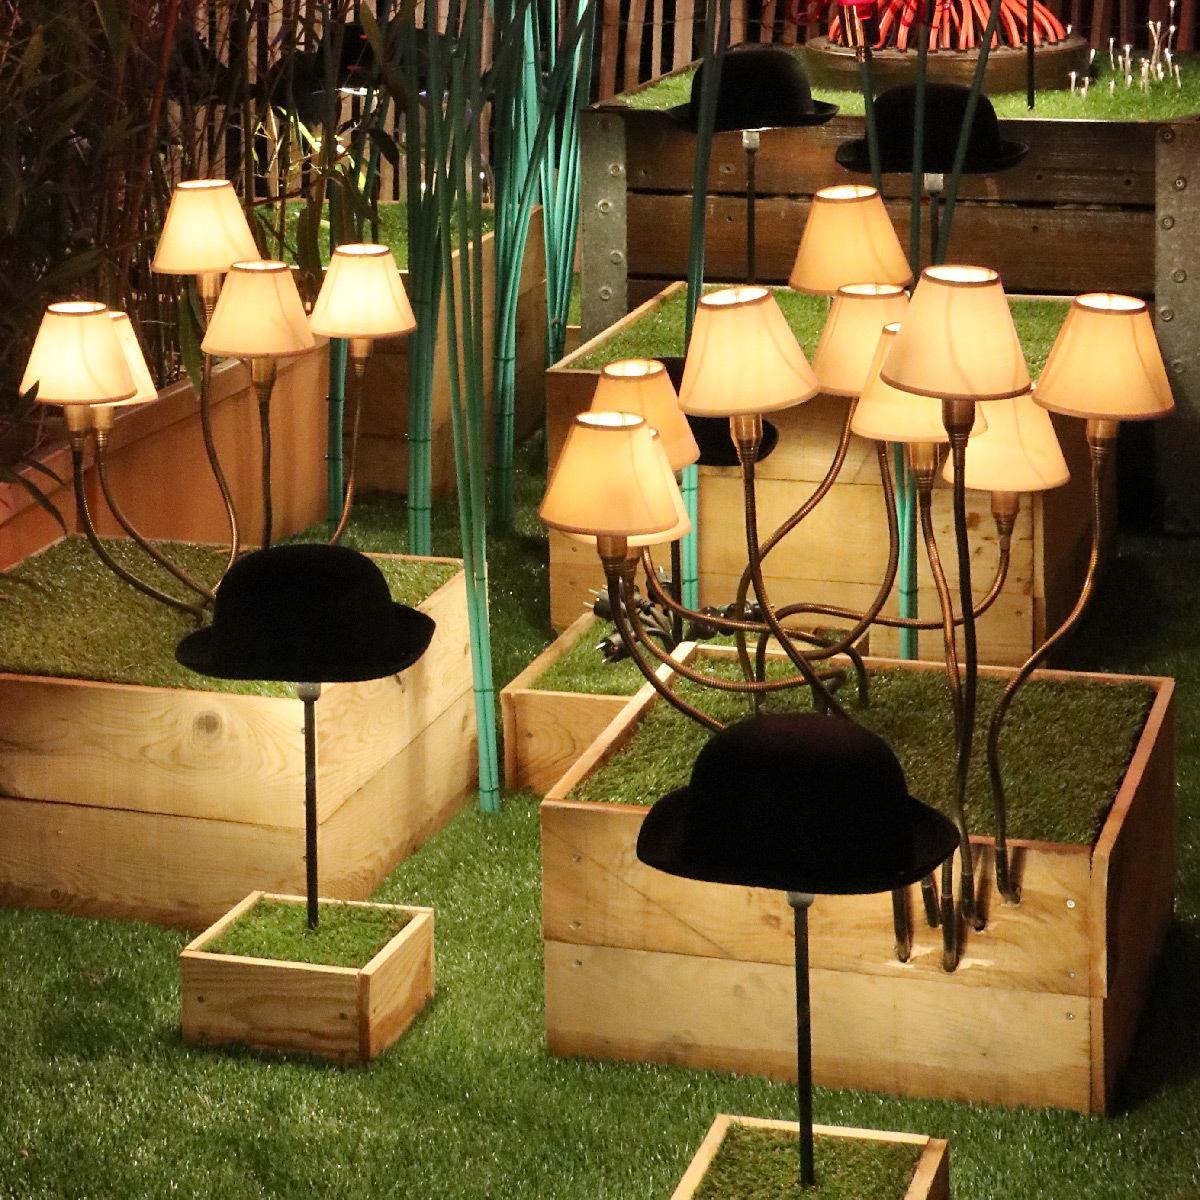 Tilt un jardin extraordinaire place bellecour lyon for Conception jardin lyon